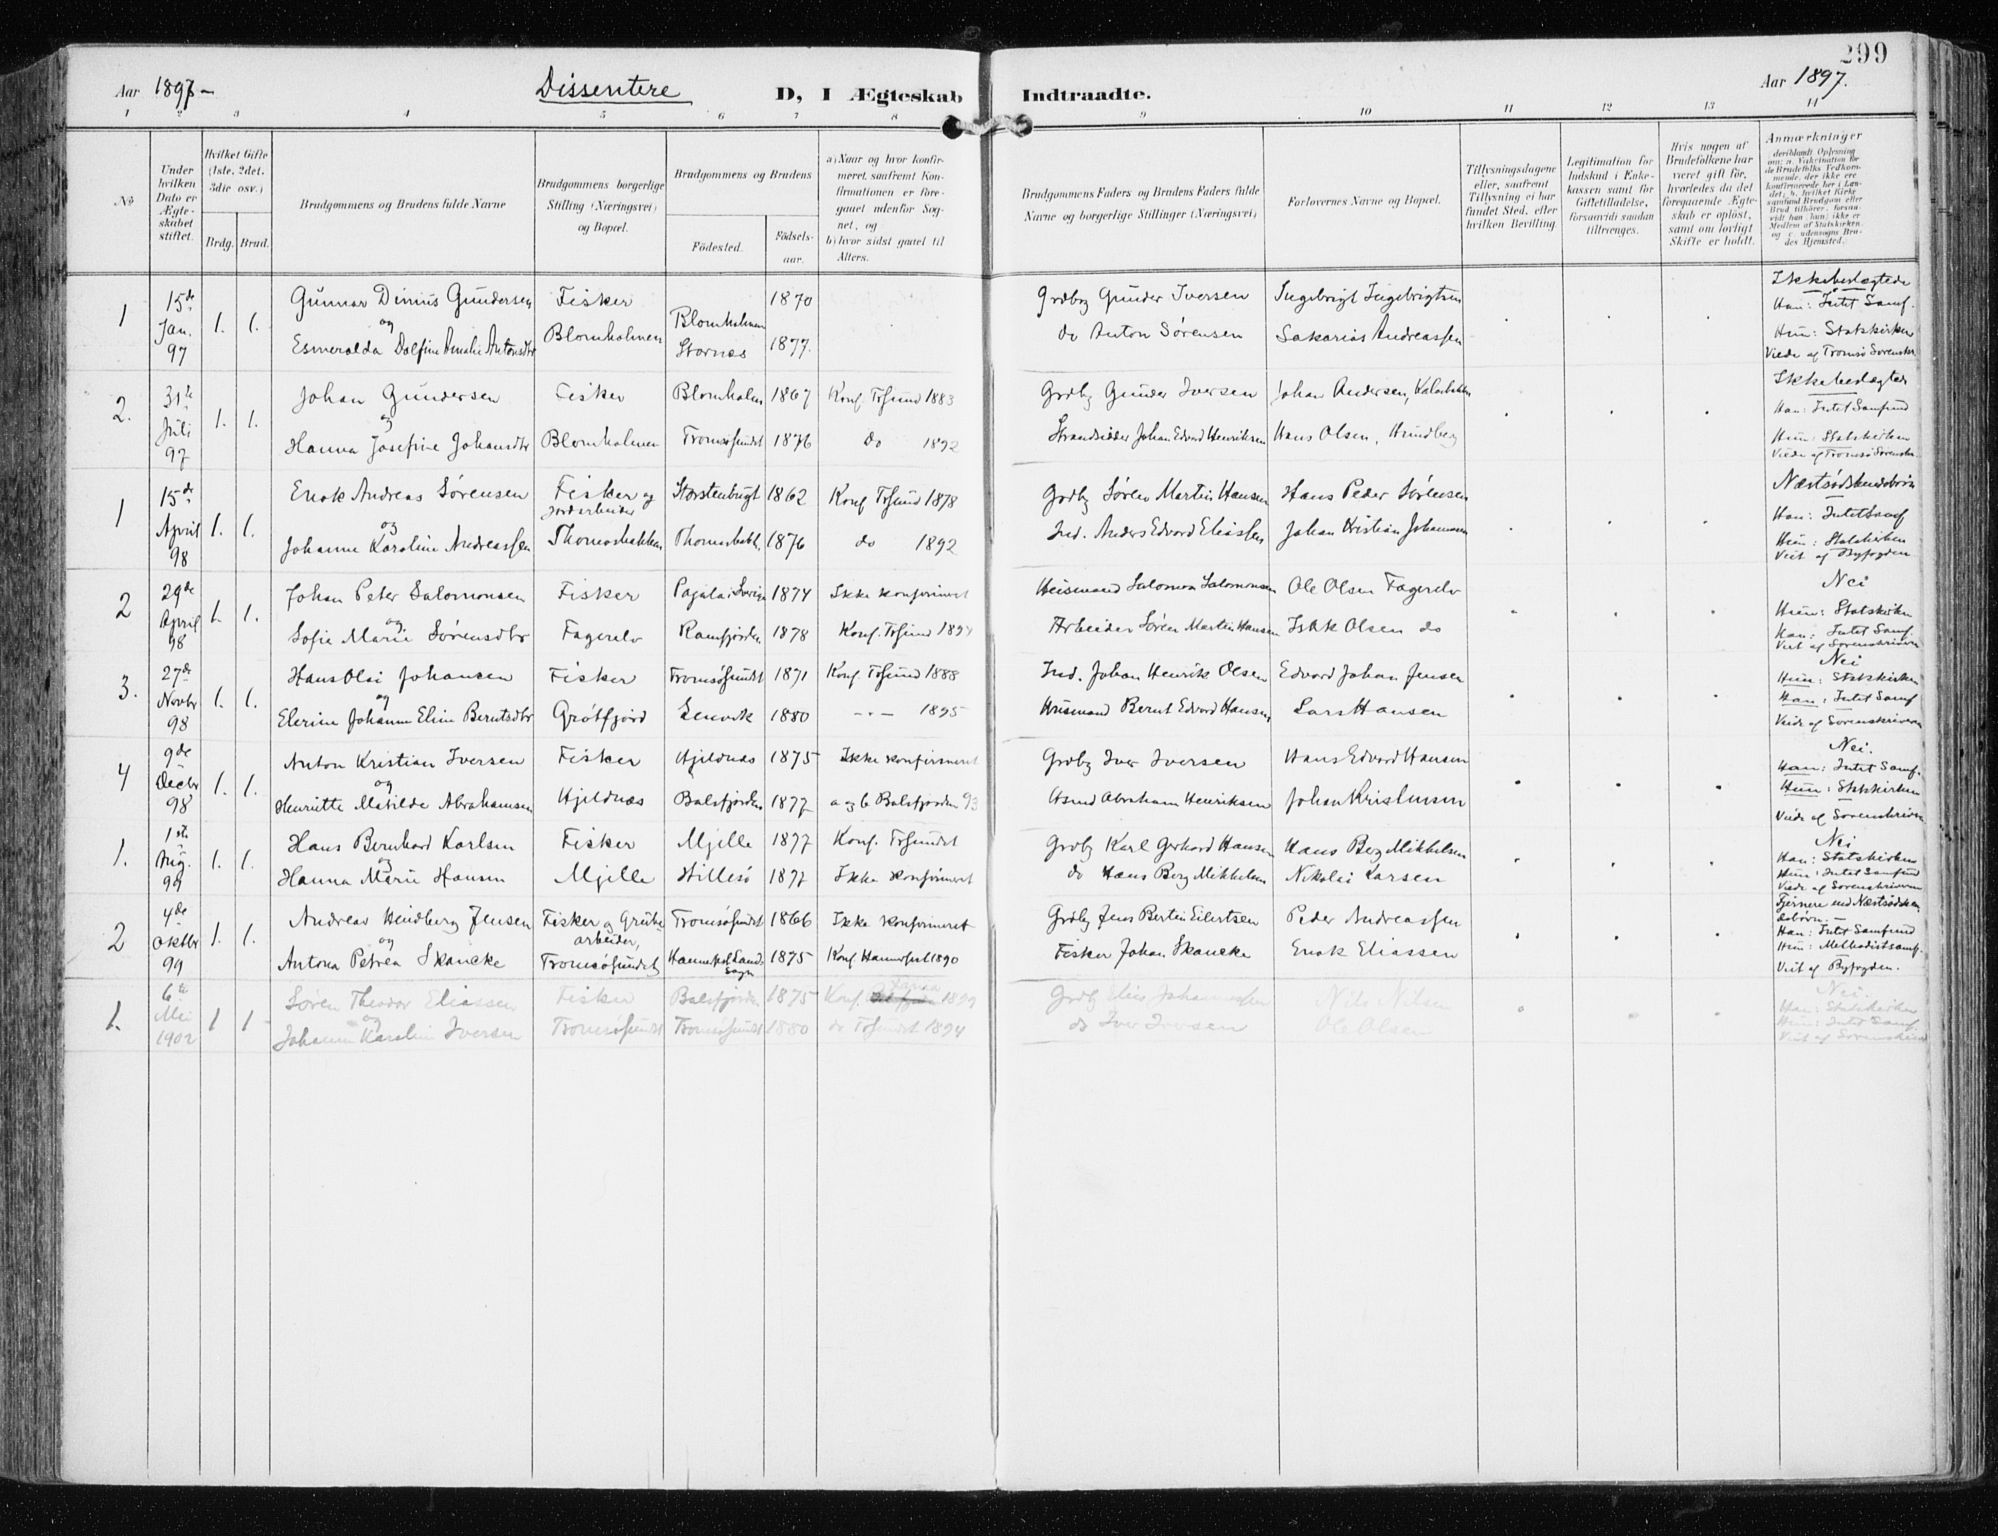 SATØ, Tromsøysund sokneprestkontor, G/Ga/L0006kirke: Ministerialbok nr. 6, 1897-1906, s. 299